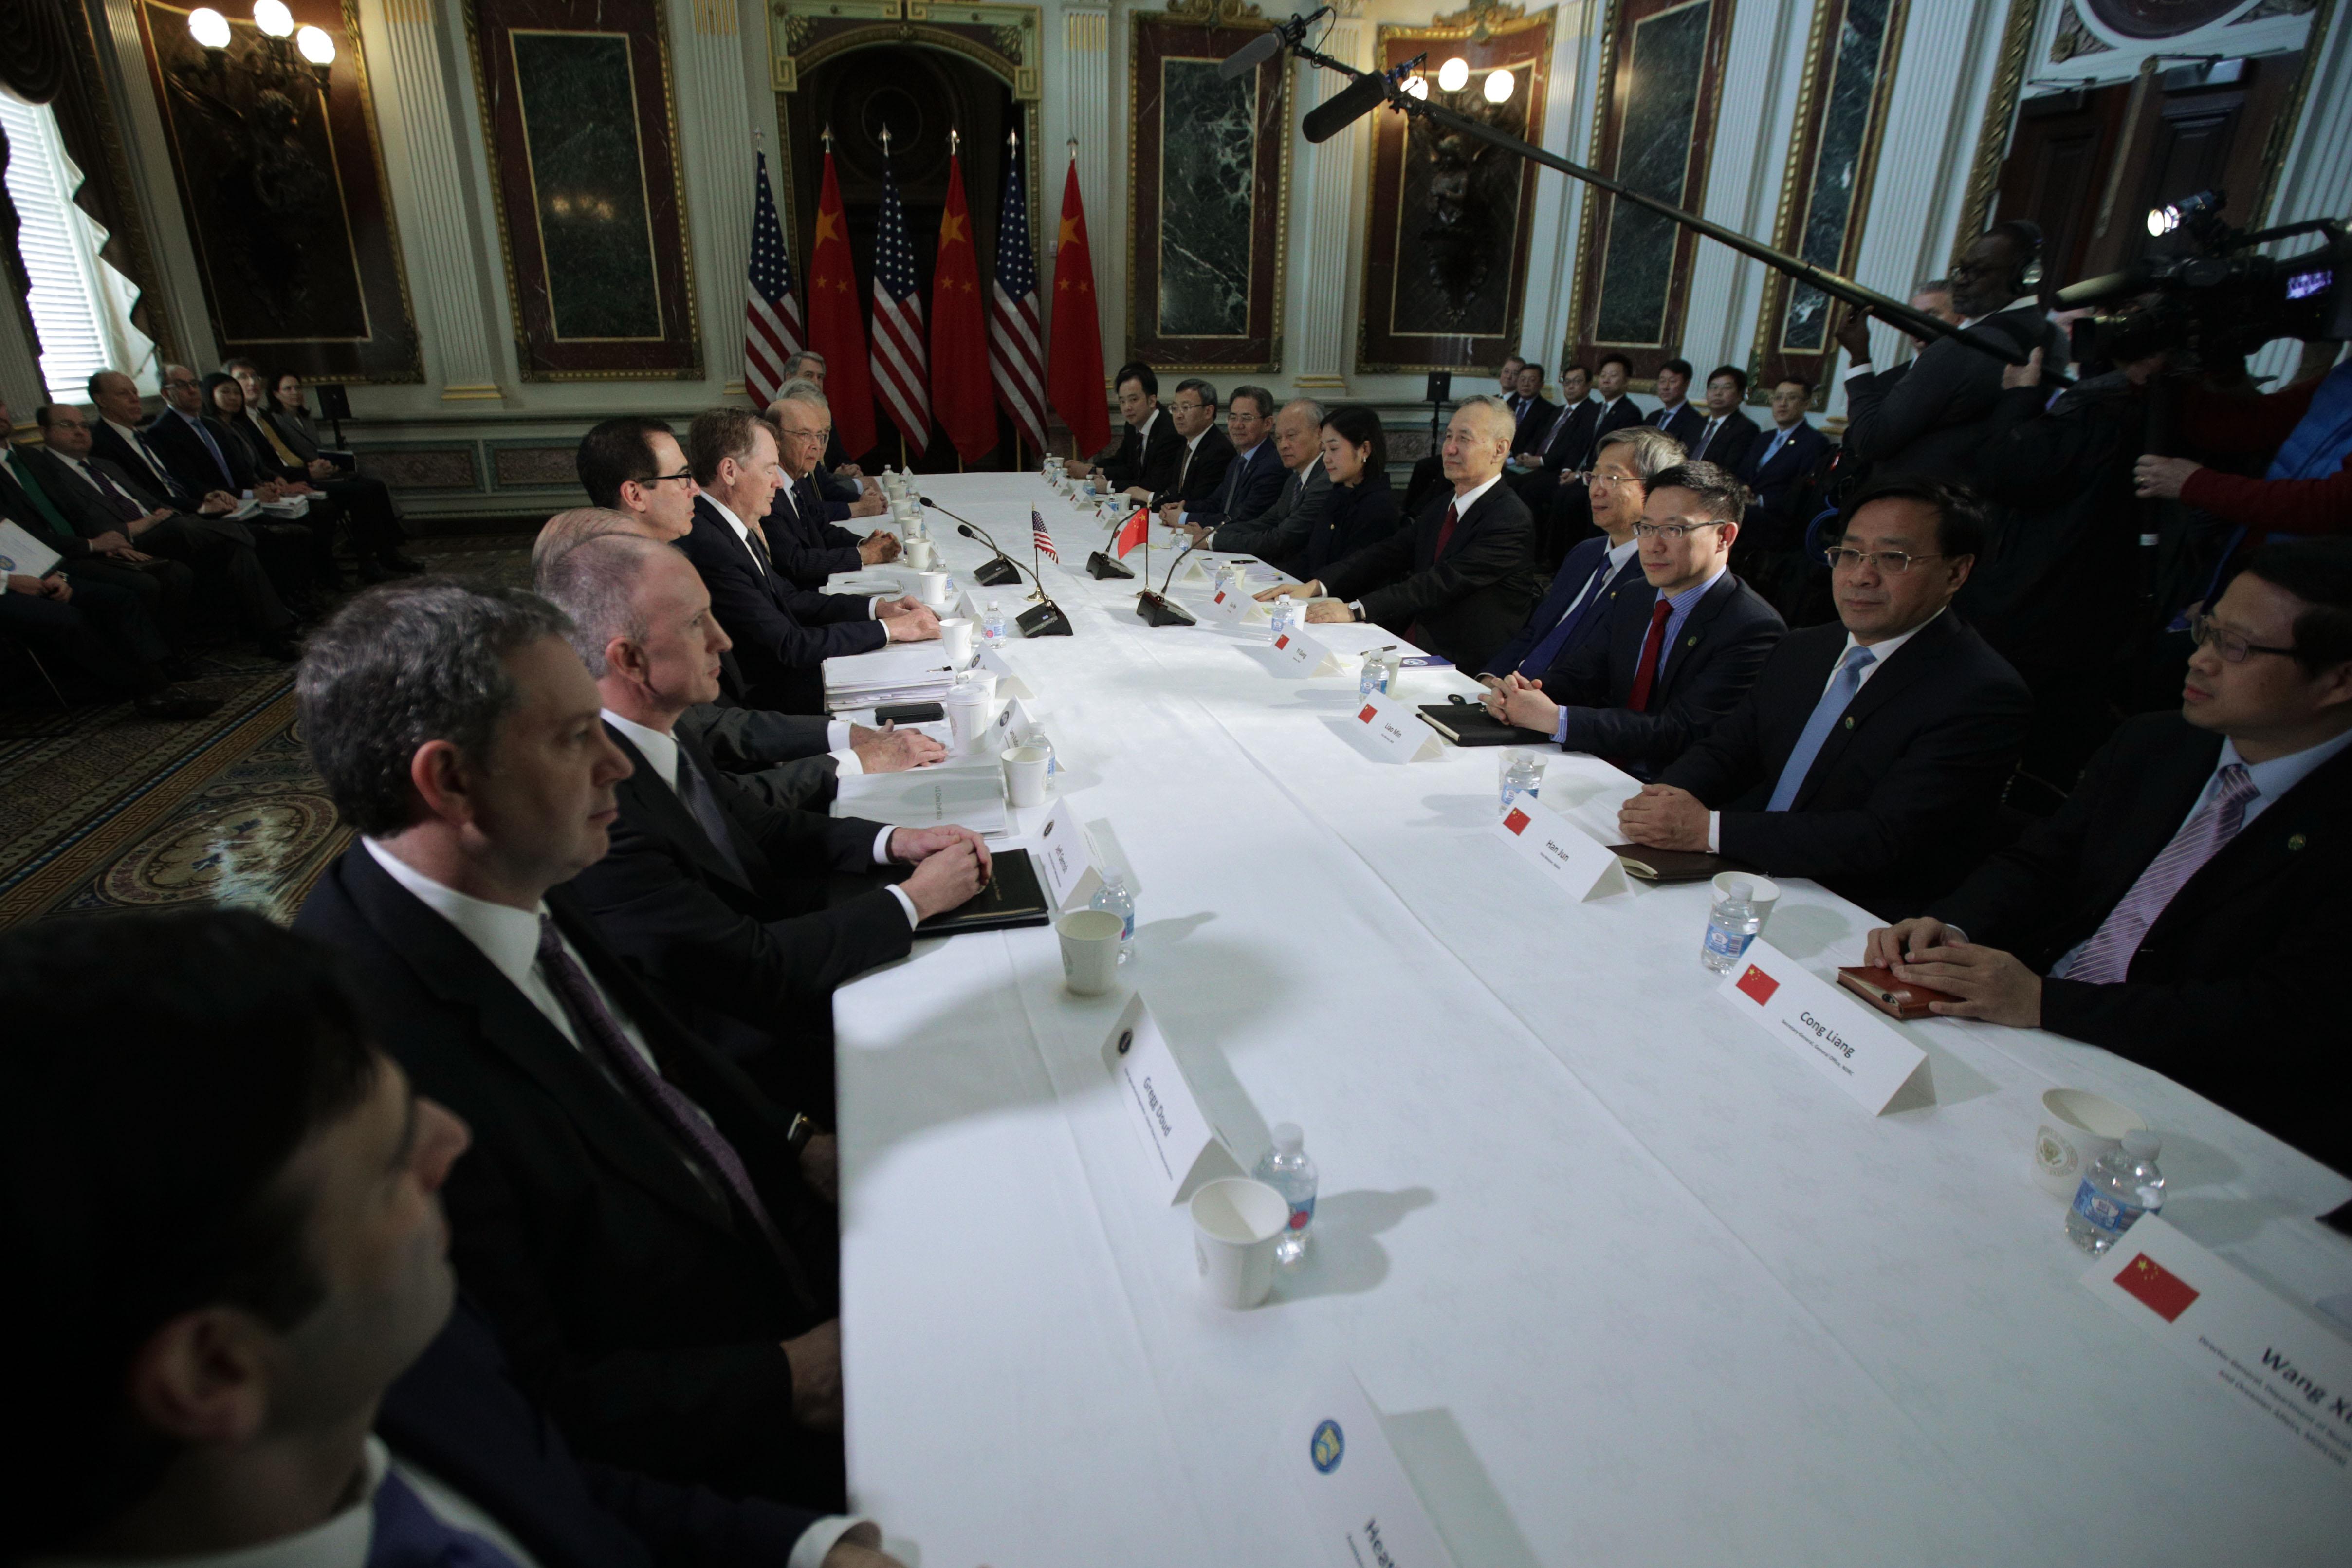 【新聞看點】特朗普拒撤關稅 北京急公佈談判表